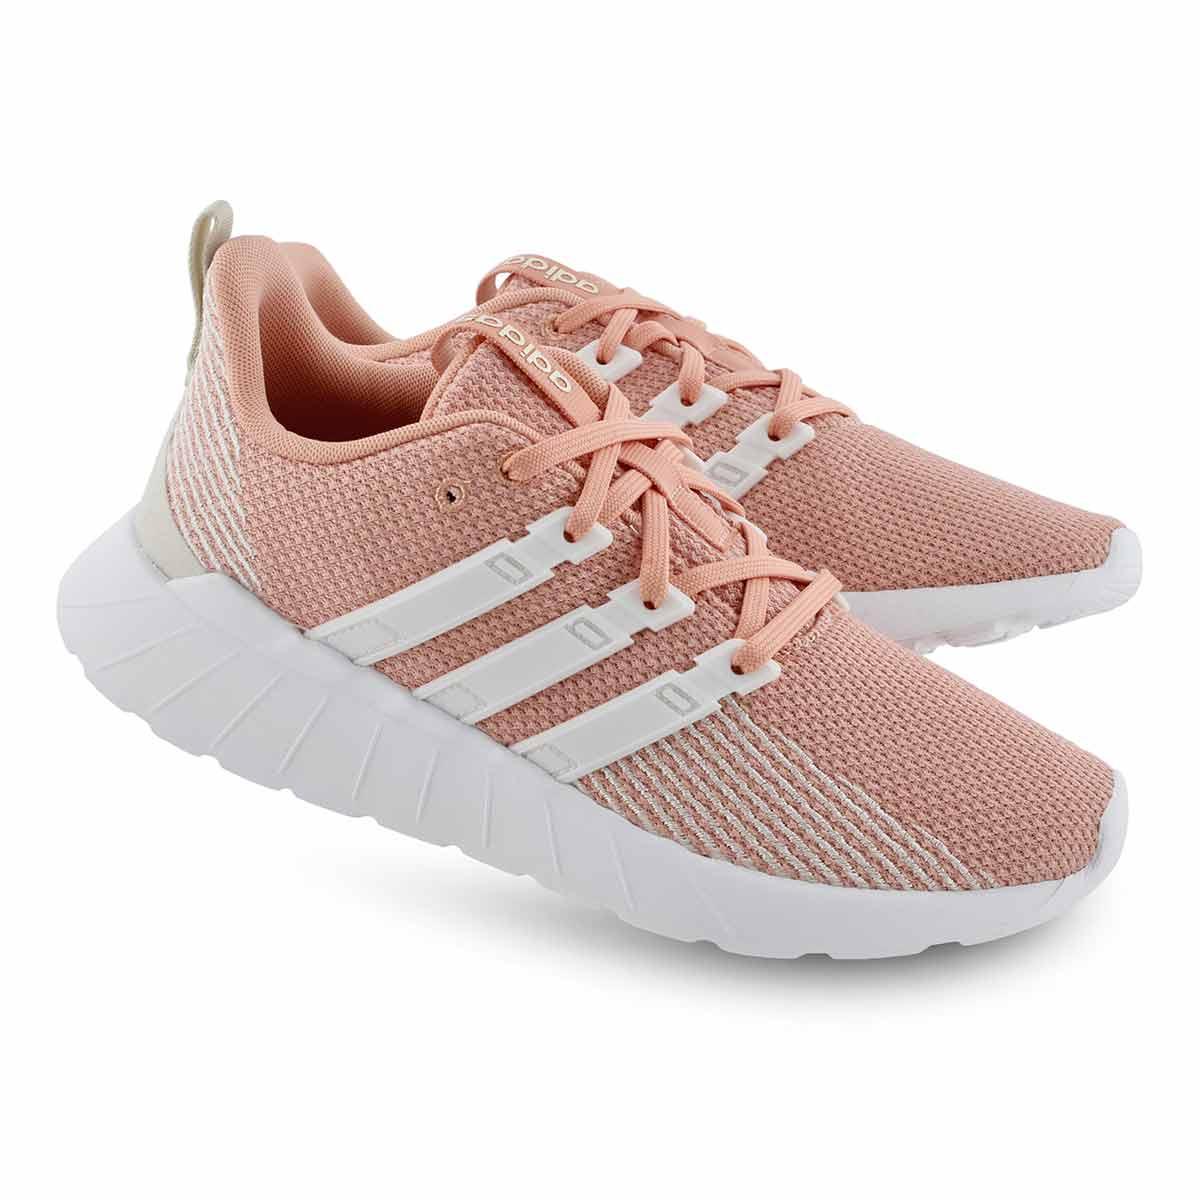 Lds Questar Flow pnk/wht running shoe